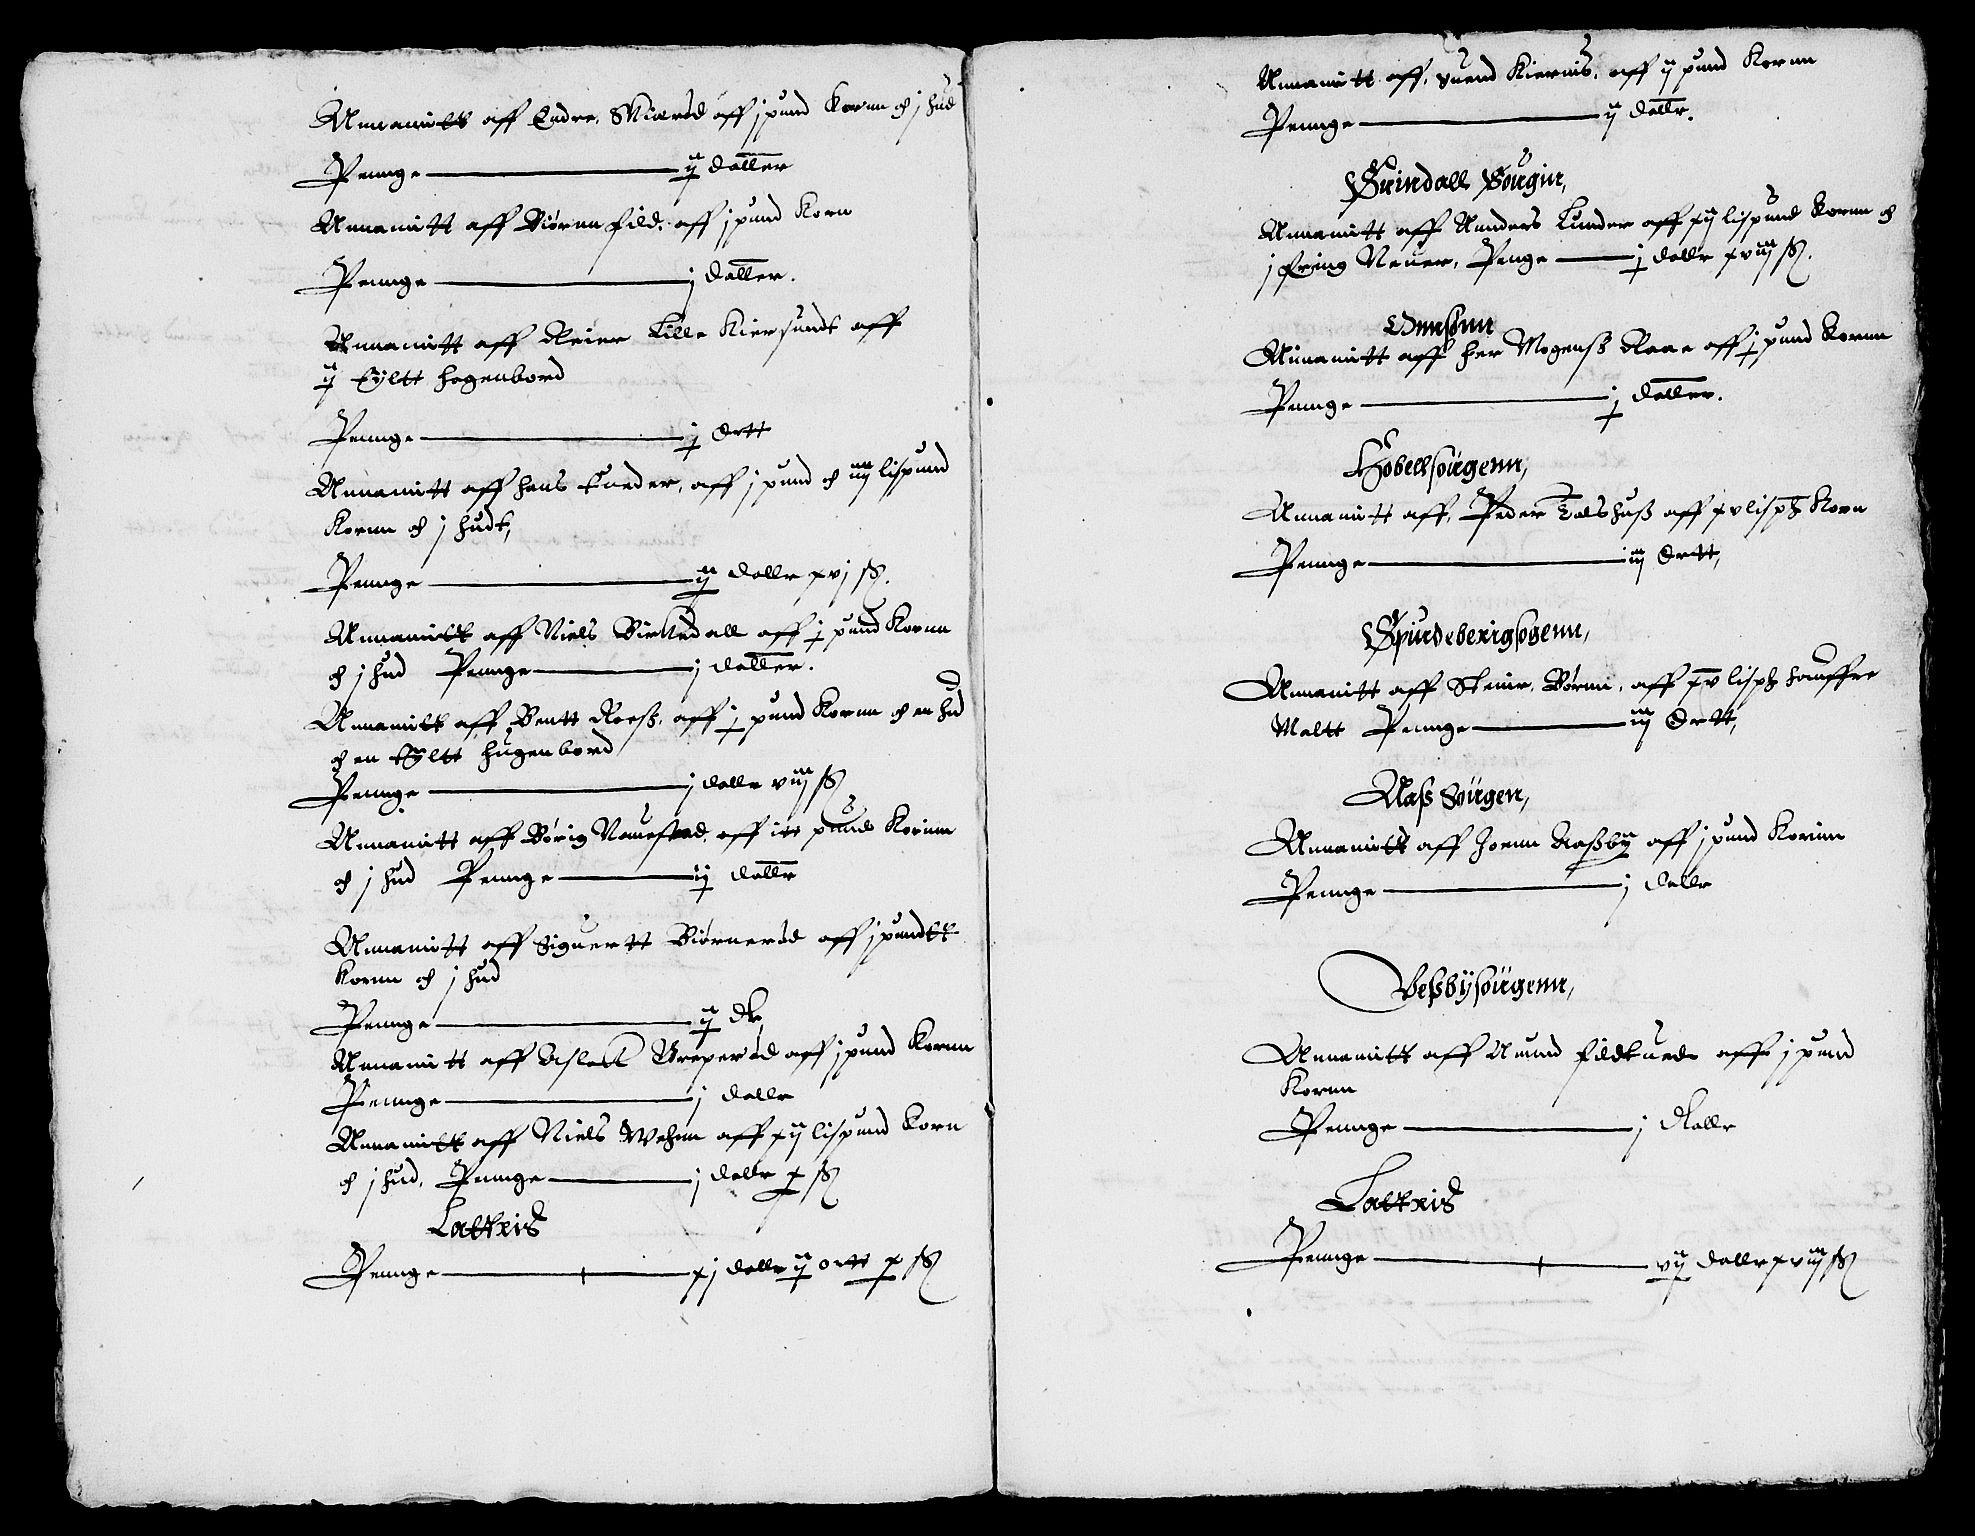 RA, Rentekammeret inntil 1814, Reviderte regnskaper, Lensregnskaper, R/Rb/Rbg/L0002: Verne kloster len, 1619-1630